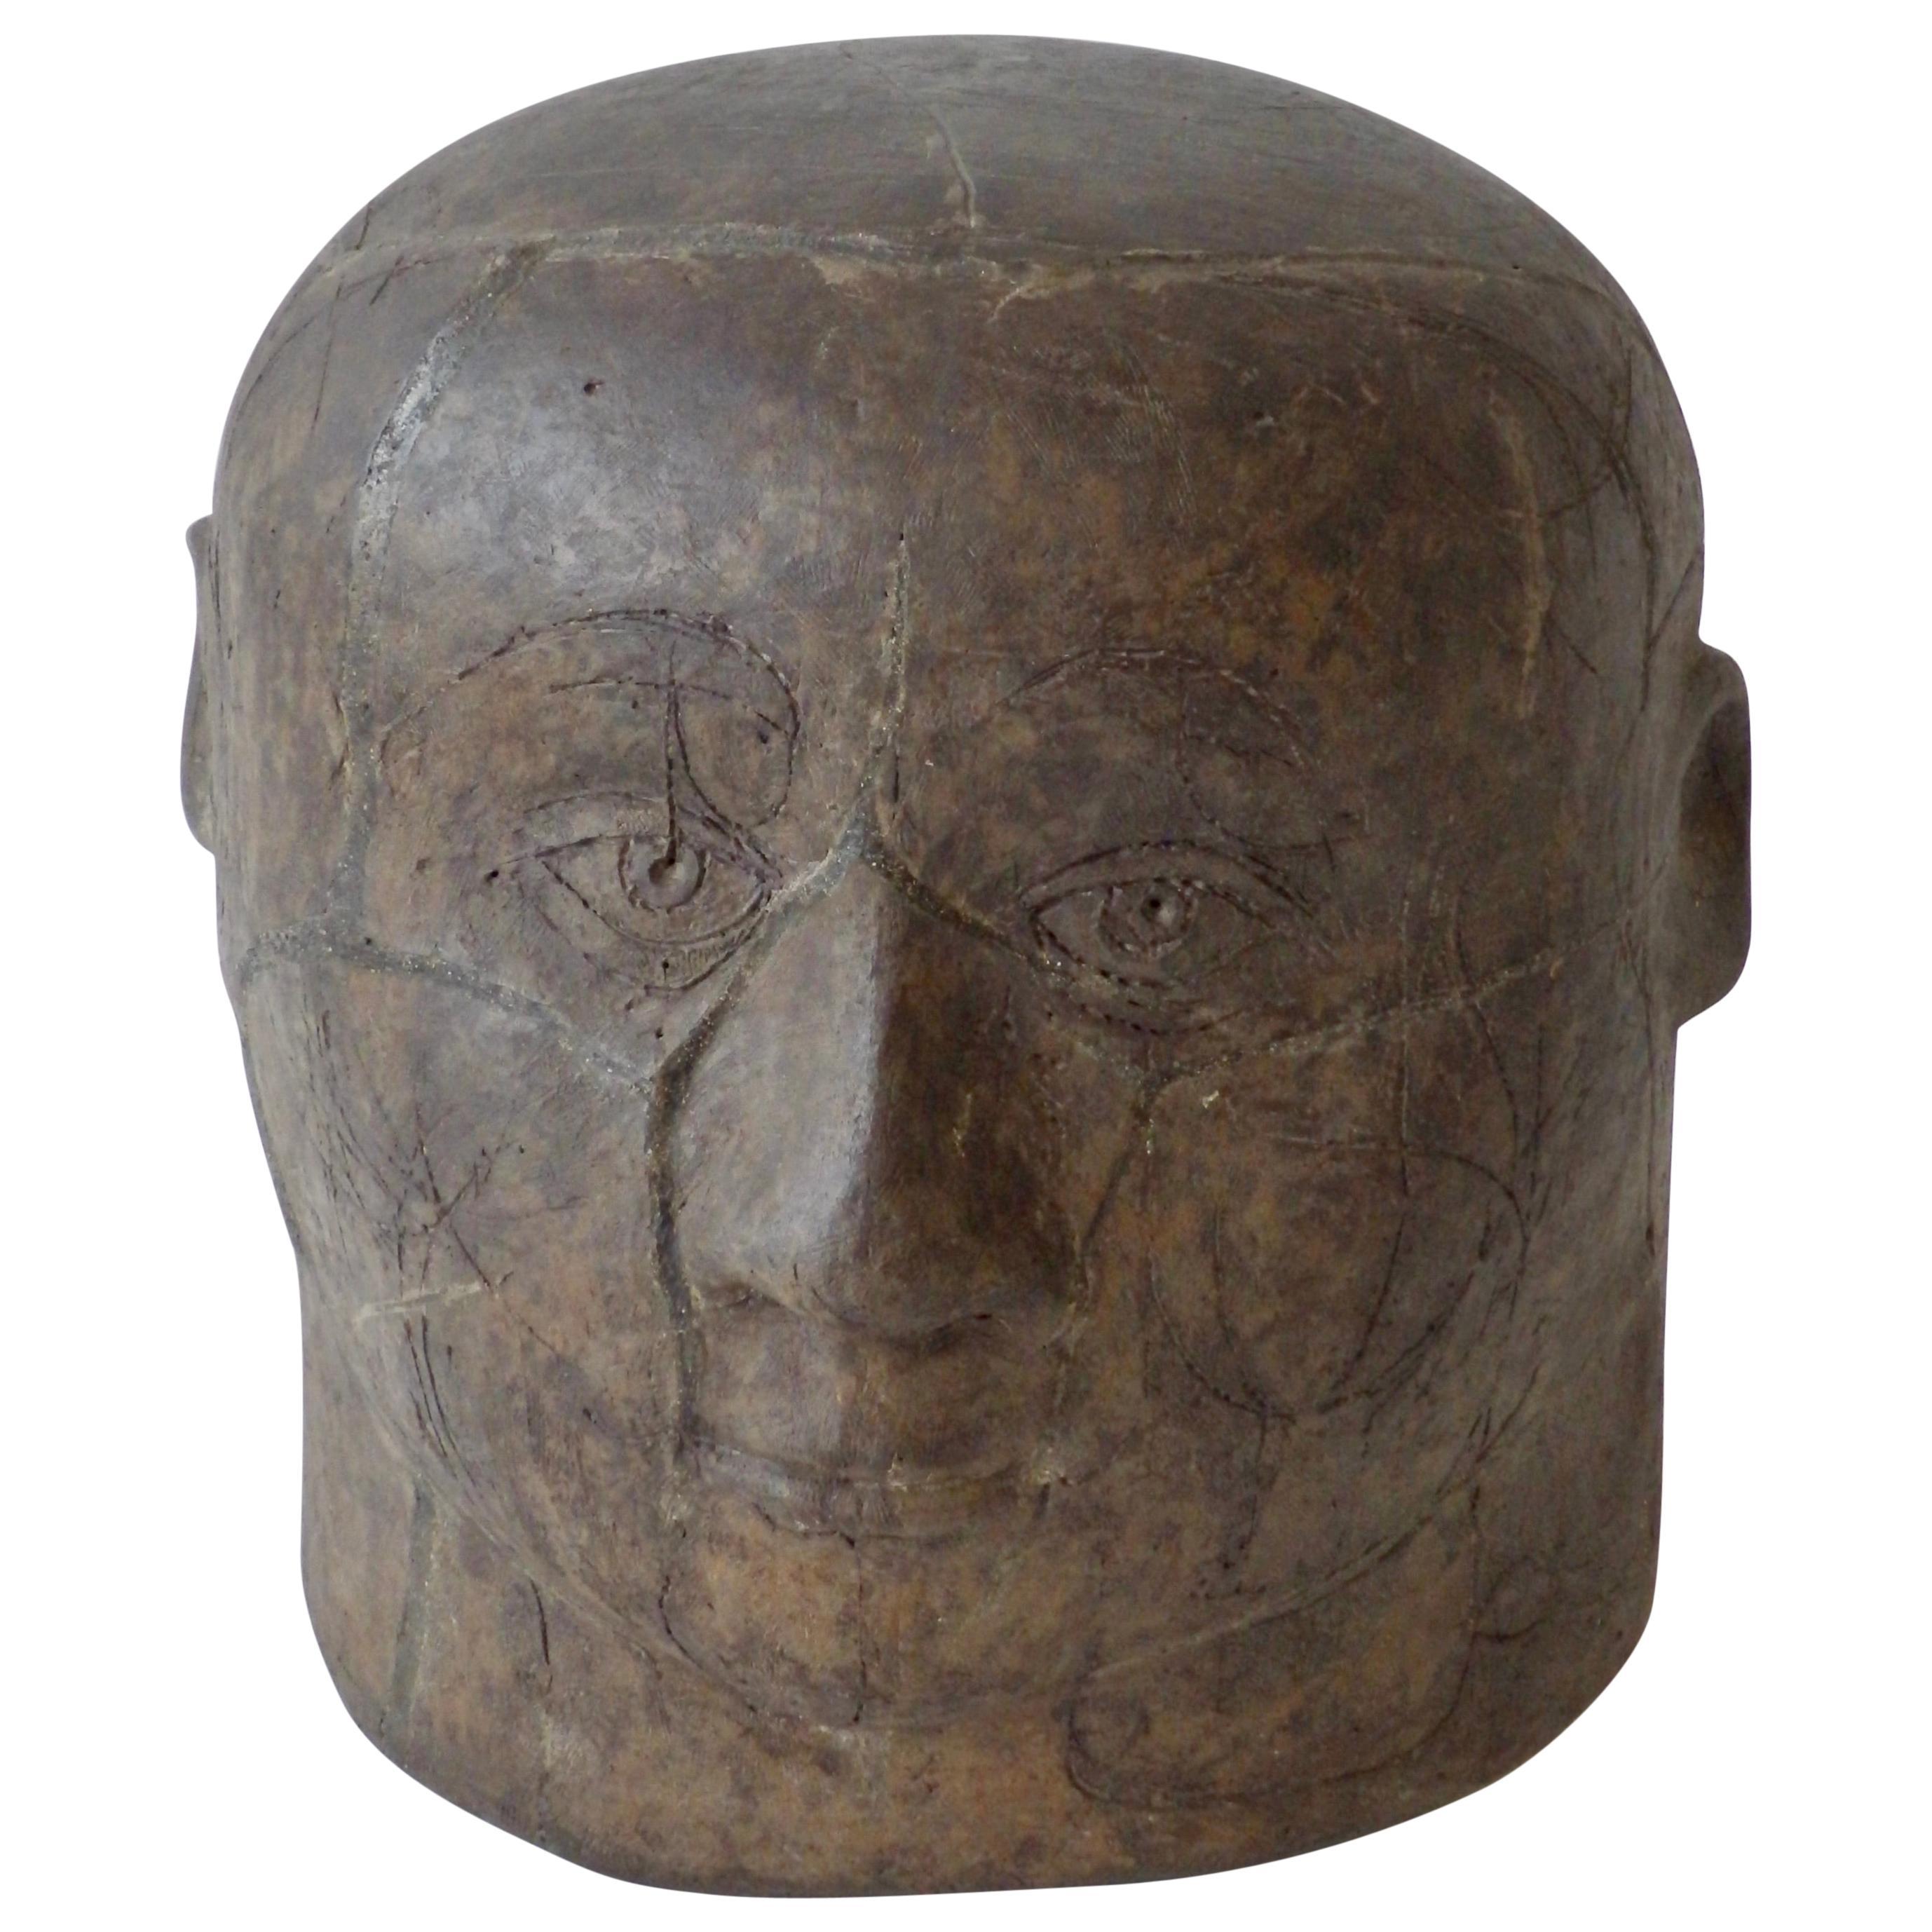 Midcentury Stoneware Outsider Folk Art Male Bust Signed O.M. 58